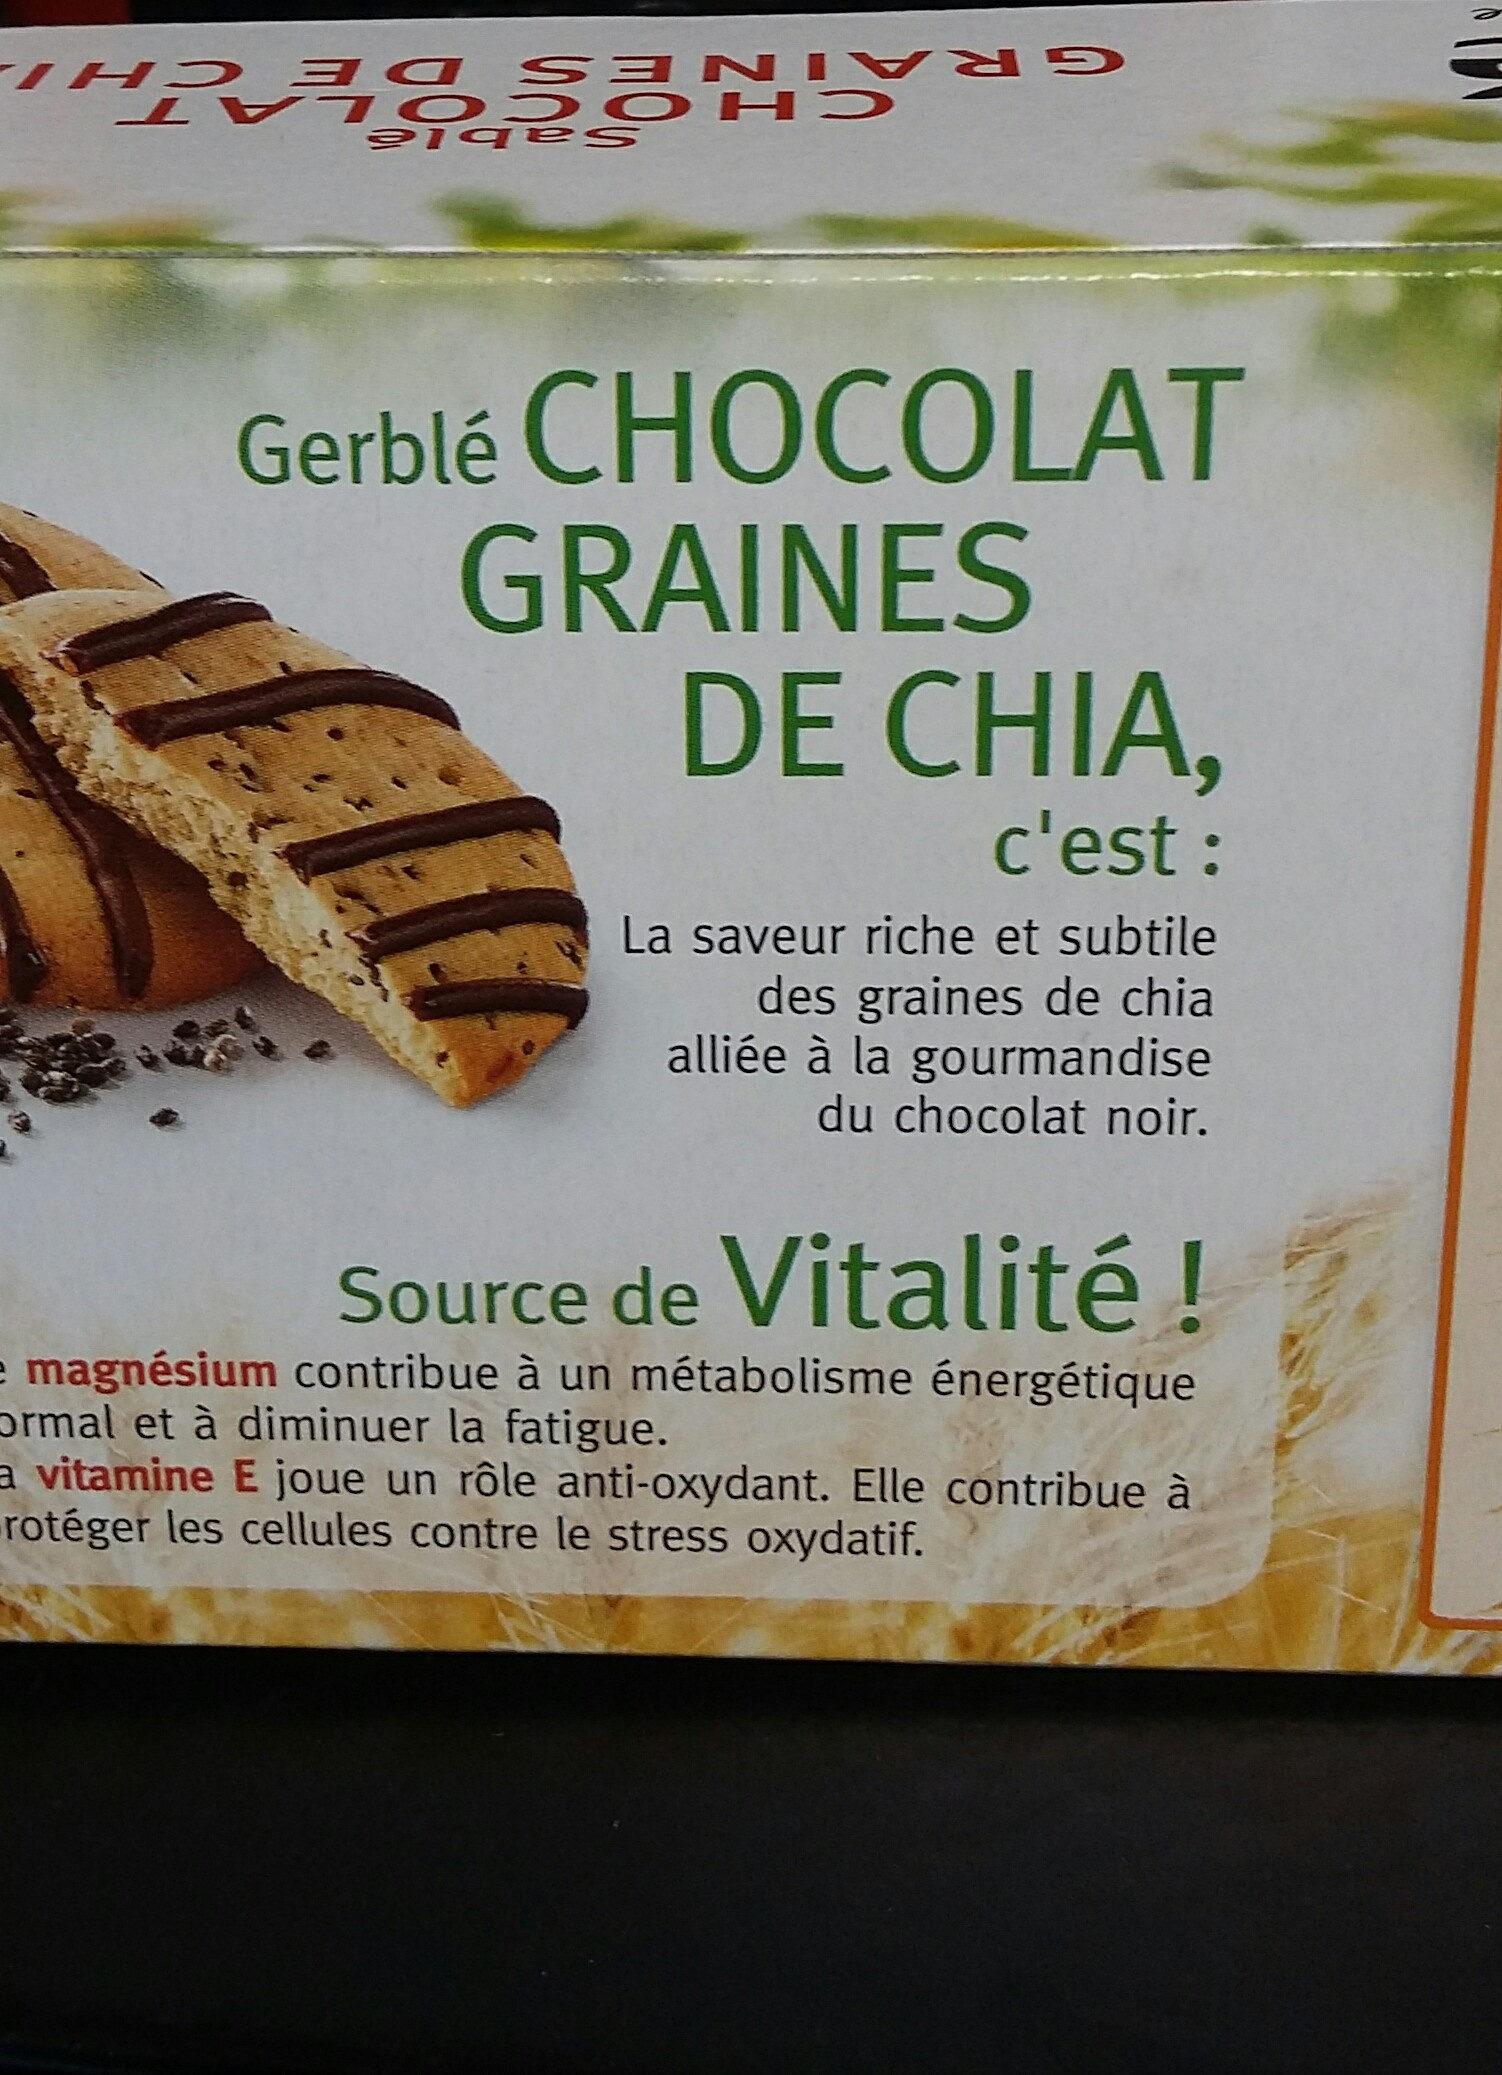 sablés  chocolat  graines  de chia - Product - fr